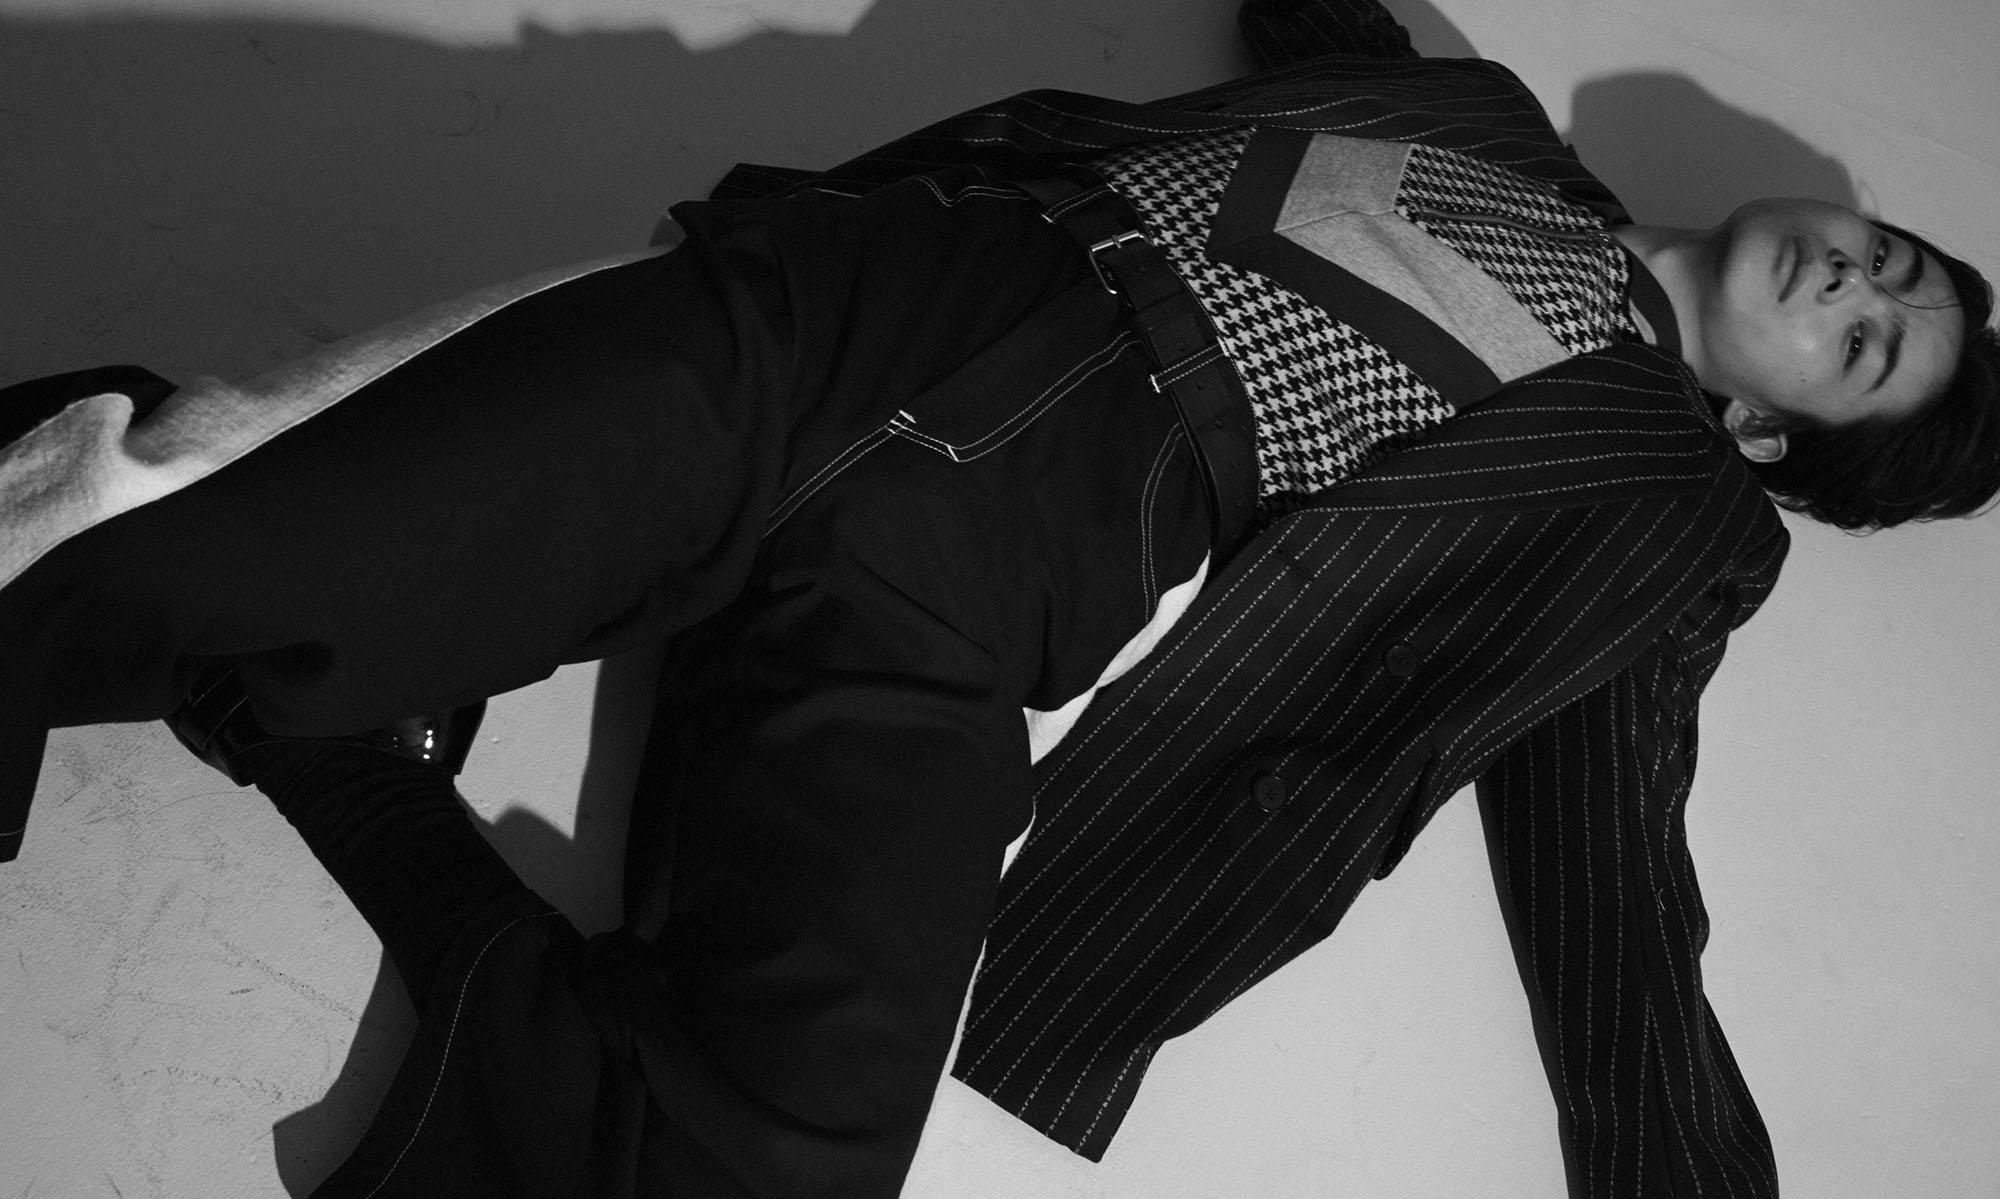 <Masaki Suda wears> グラフィックストライプジャケット/ALYX、クラシックストレートトラウザー/Wales Bonner、エナメルパンプス/Ducal 以上全てスタイリスト私物、ジップディティール ポロシャツ ¥ 26,000/D.TT.K (MATT.)